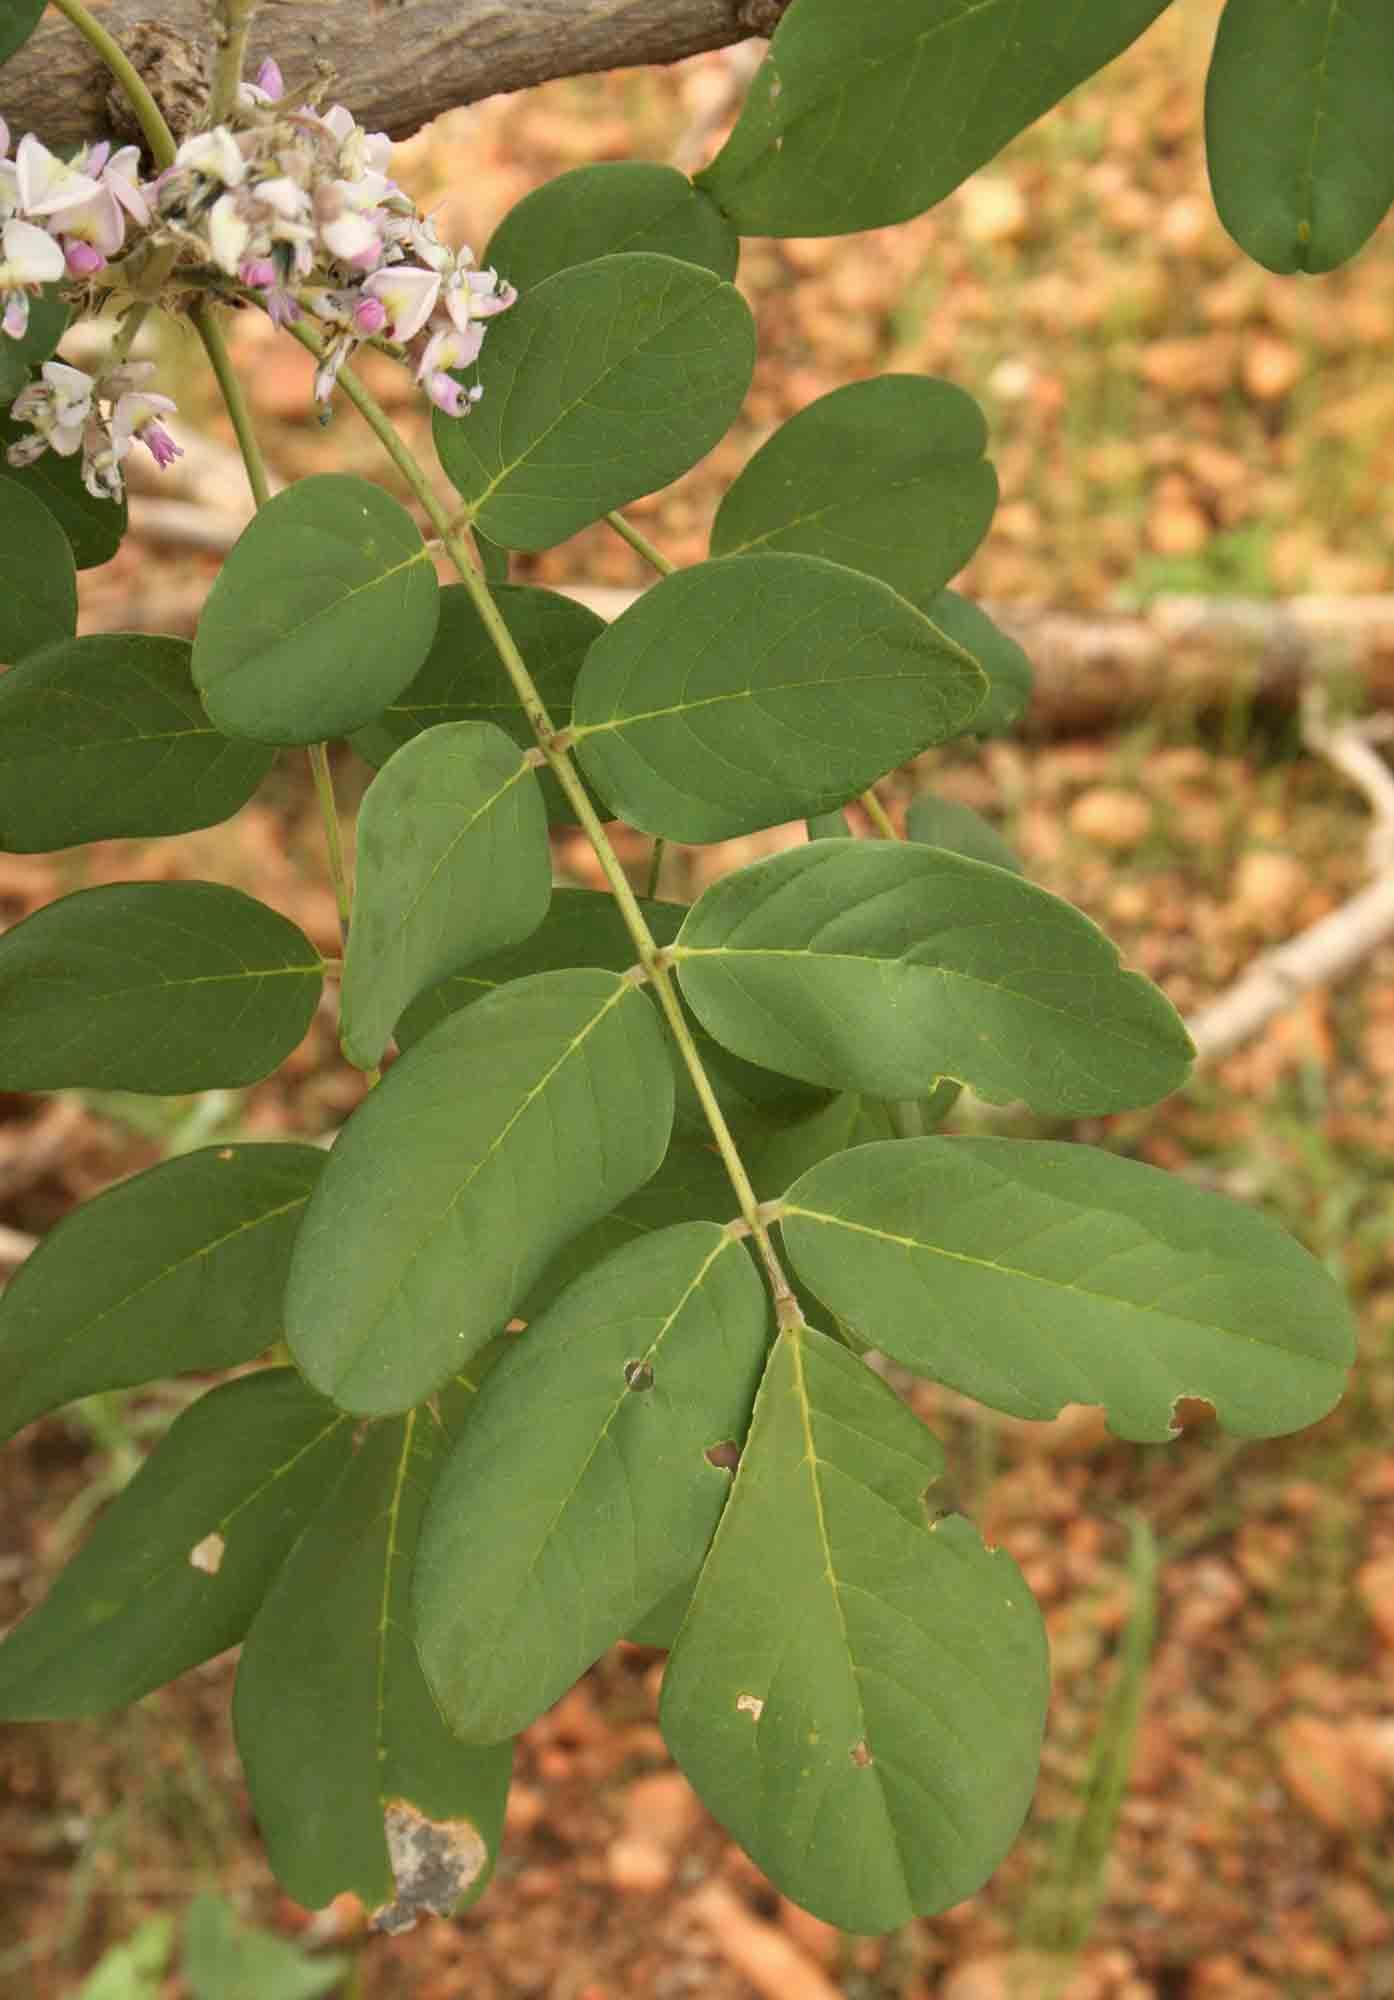 Philenoptera wankieënsis